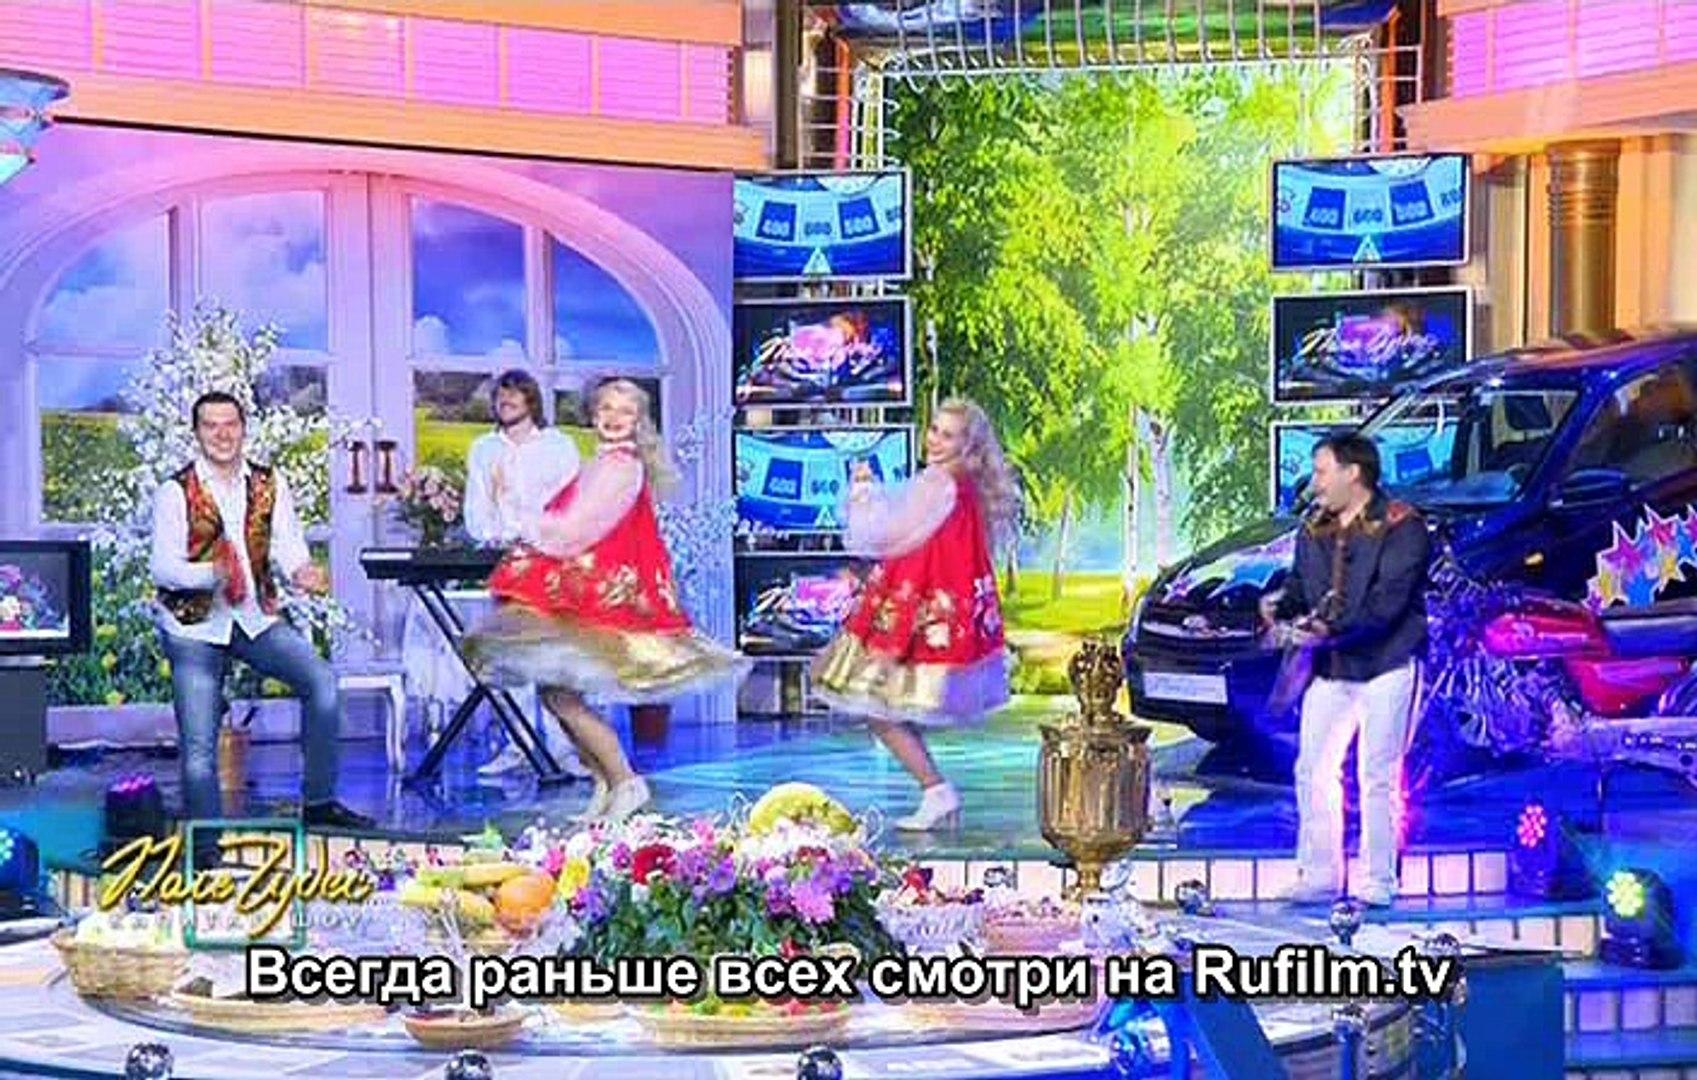 Фильм | Поле чудес [10/06/2016, Тв-Шоу, SATRip]